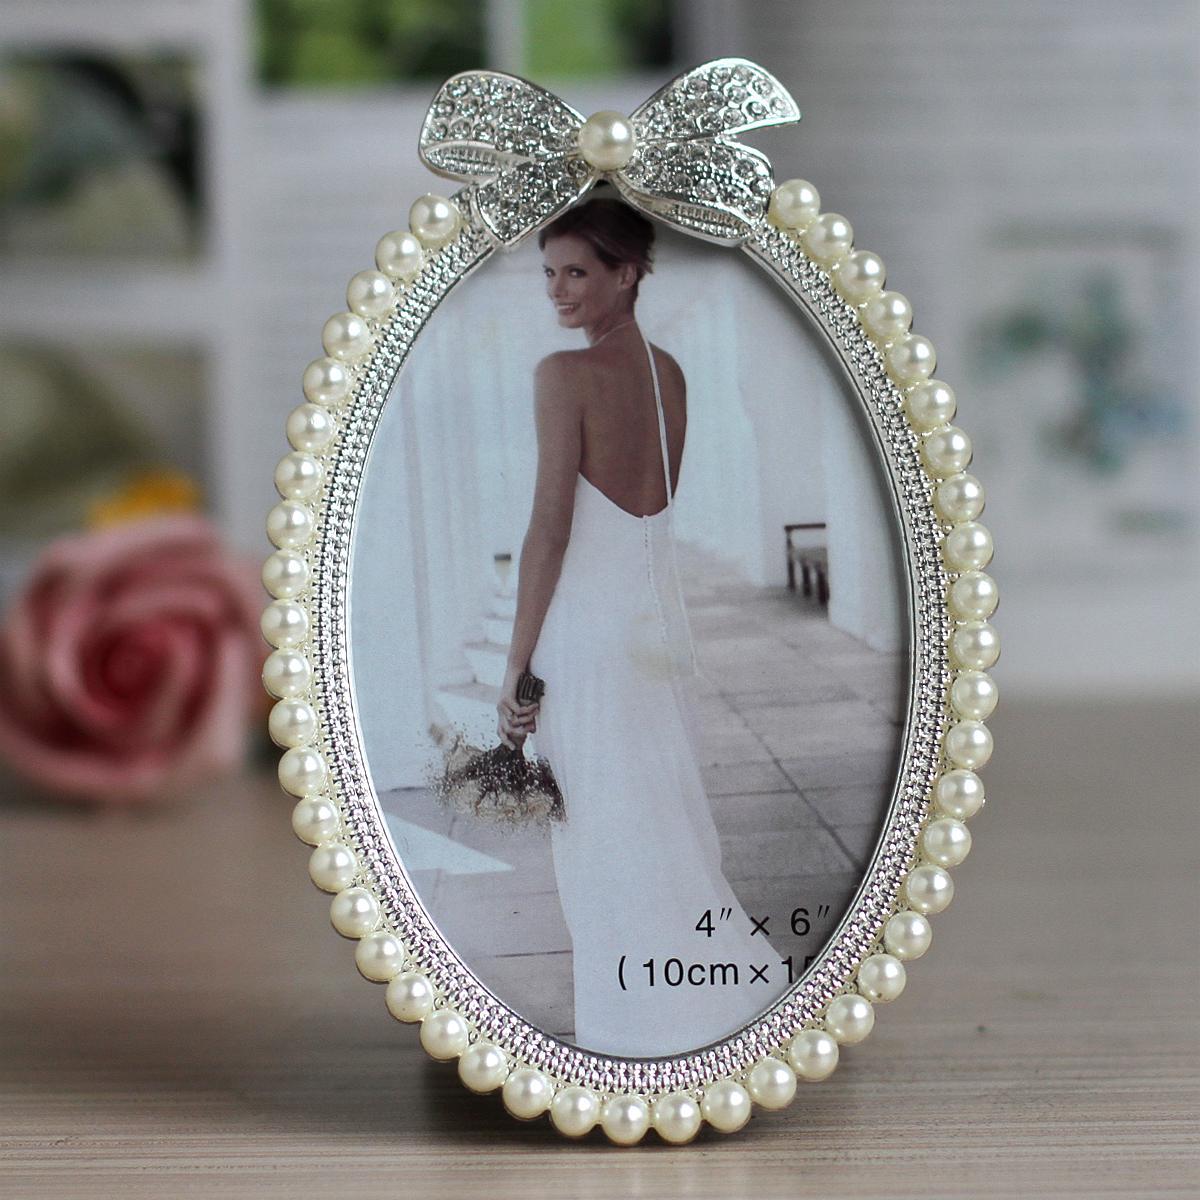 3寸6寸7寸珍珠金屬相框 鑲鑽珍珠擺台婚紗照相架 生日 擺件X14